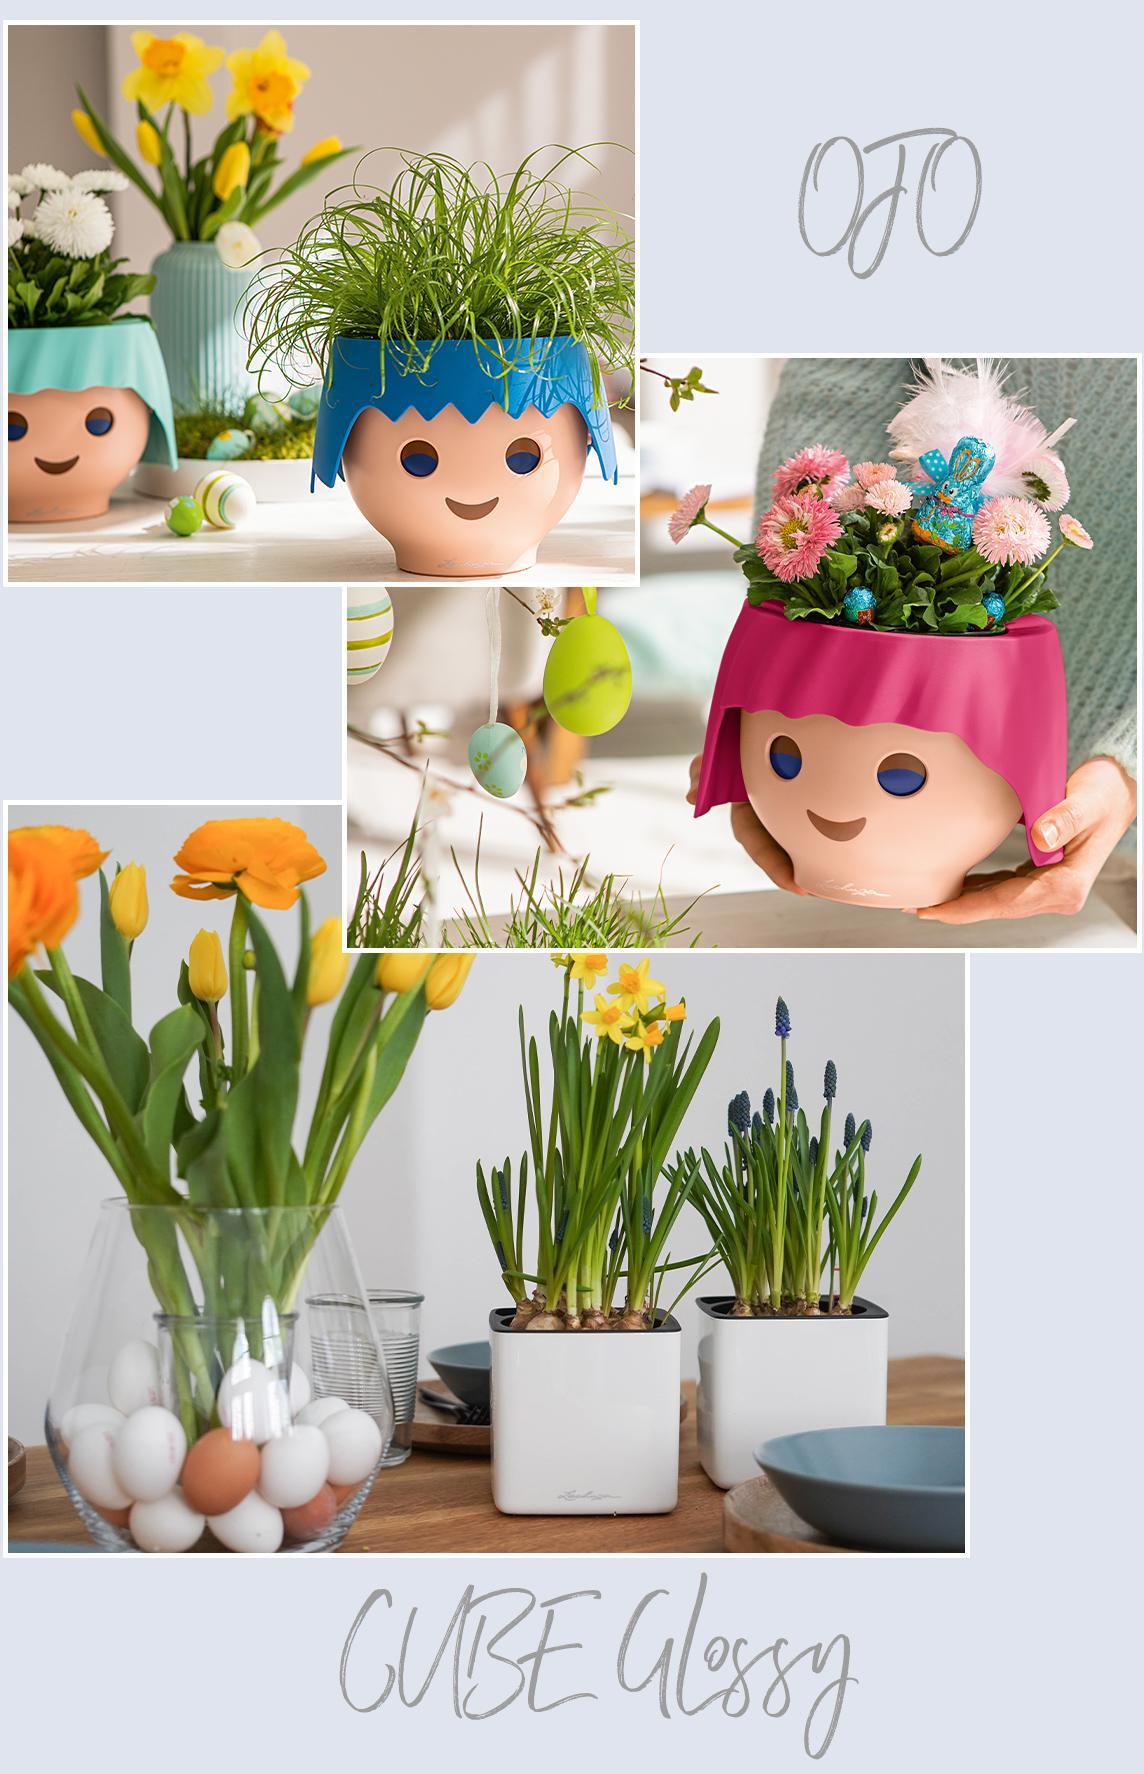 'Vasi Lechuza in collaborazione con la Playmobil